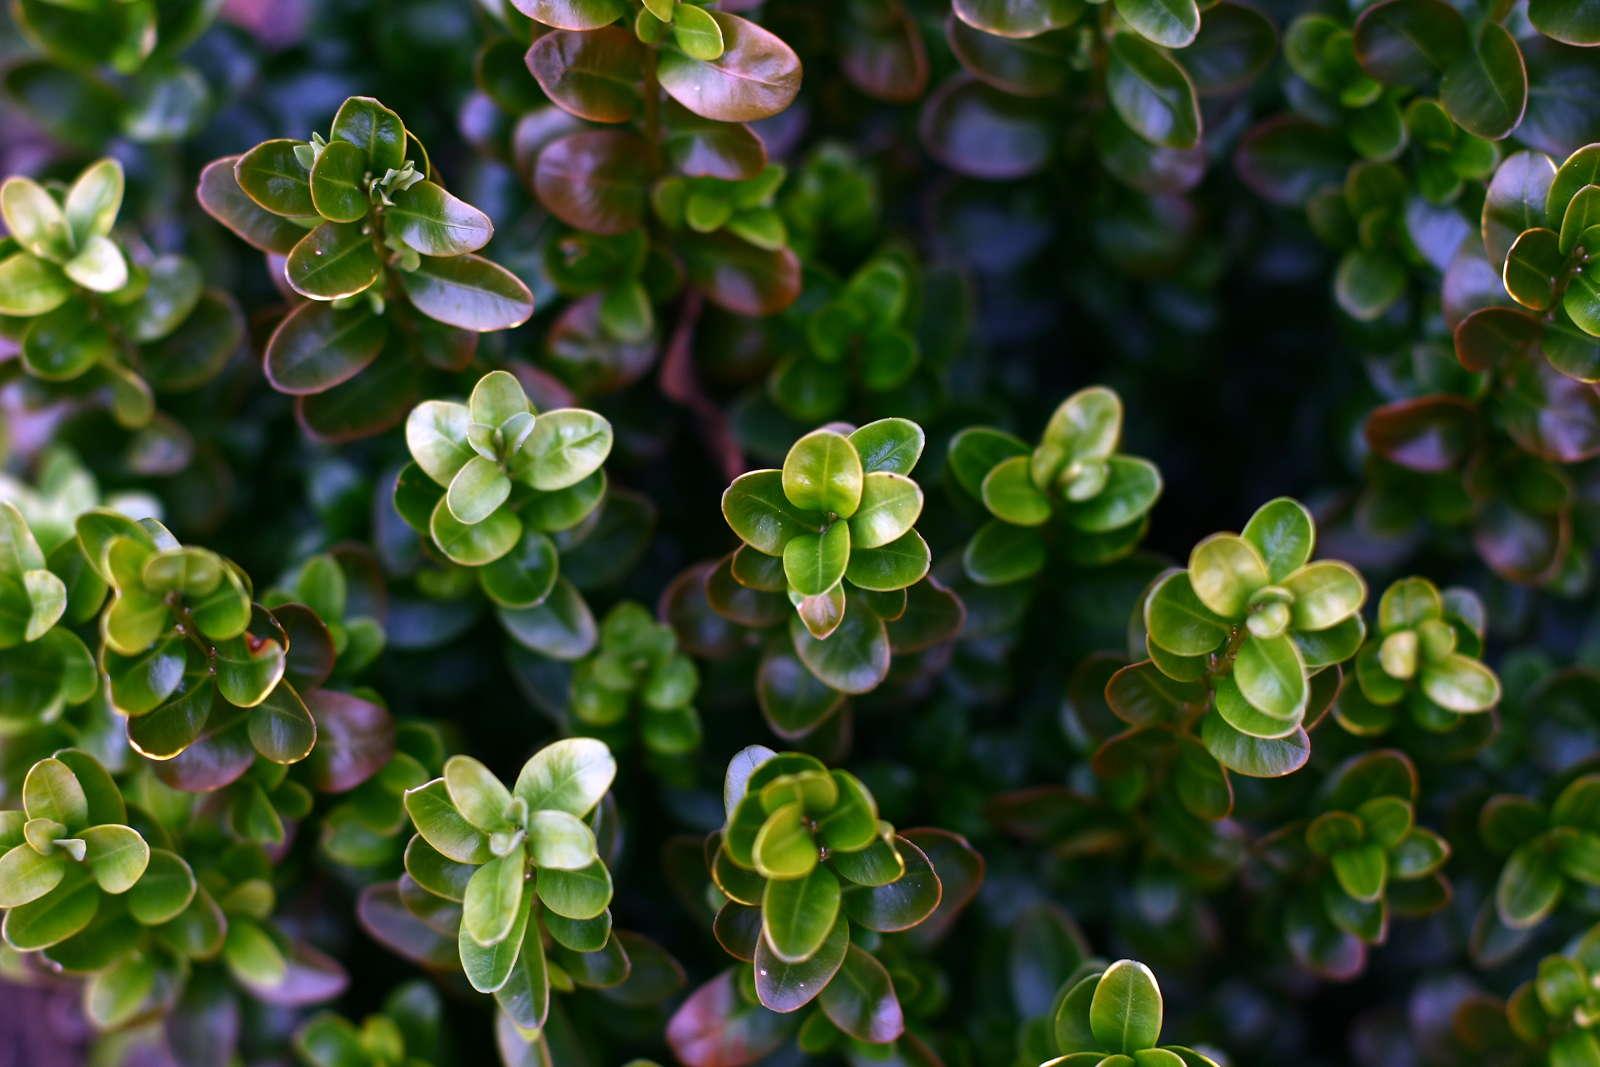 Atemberaubend Buchsbaum-Krankheiten: Symptome & Bekämpfung - Plantura #NL_87